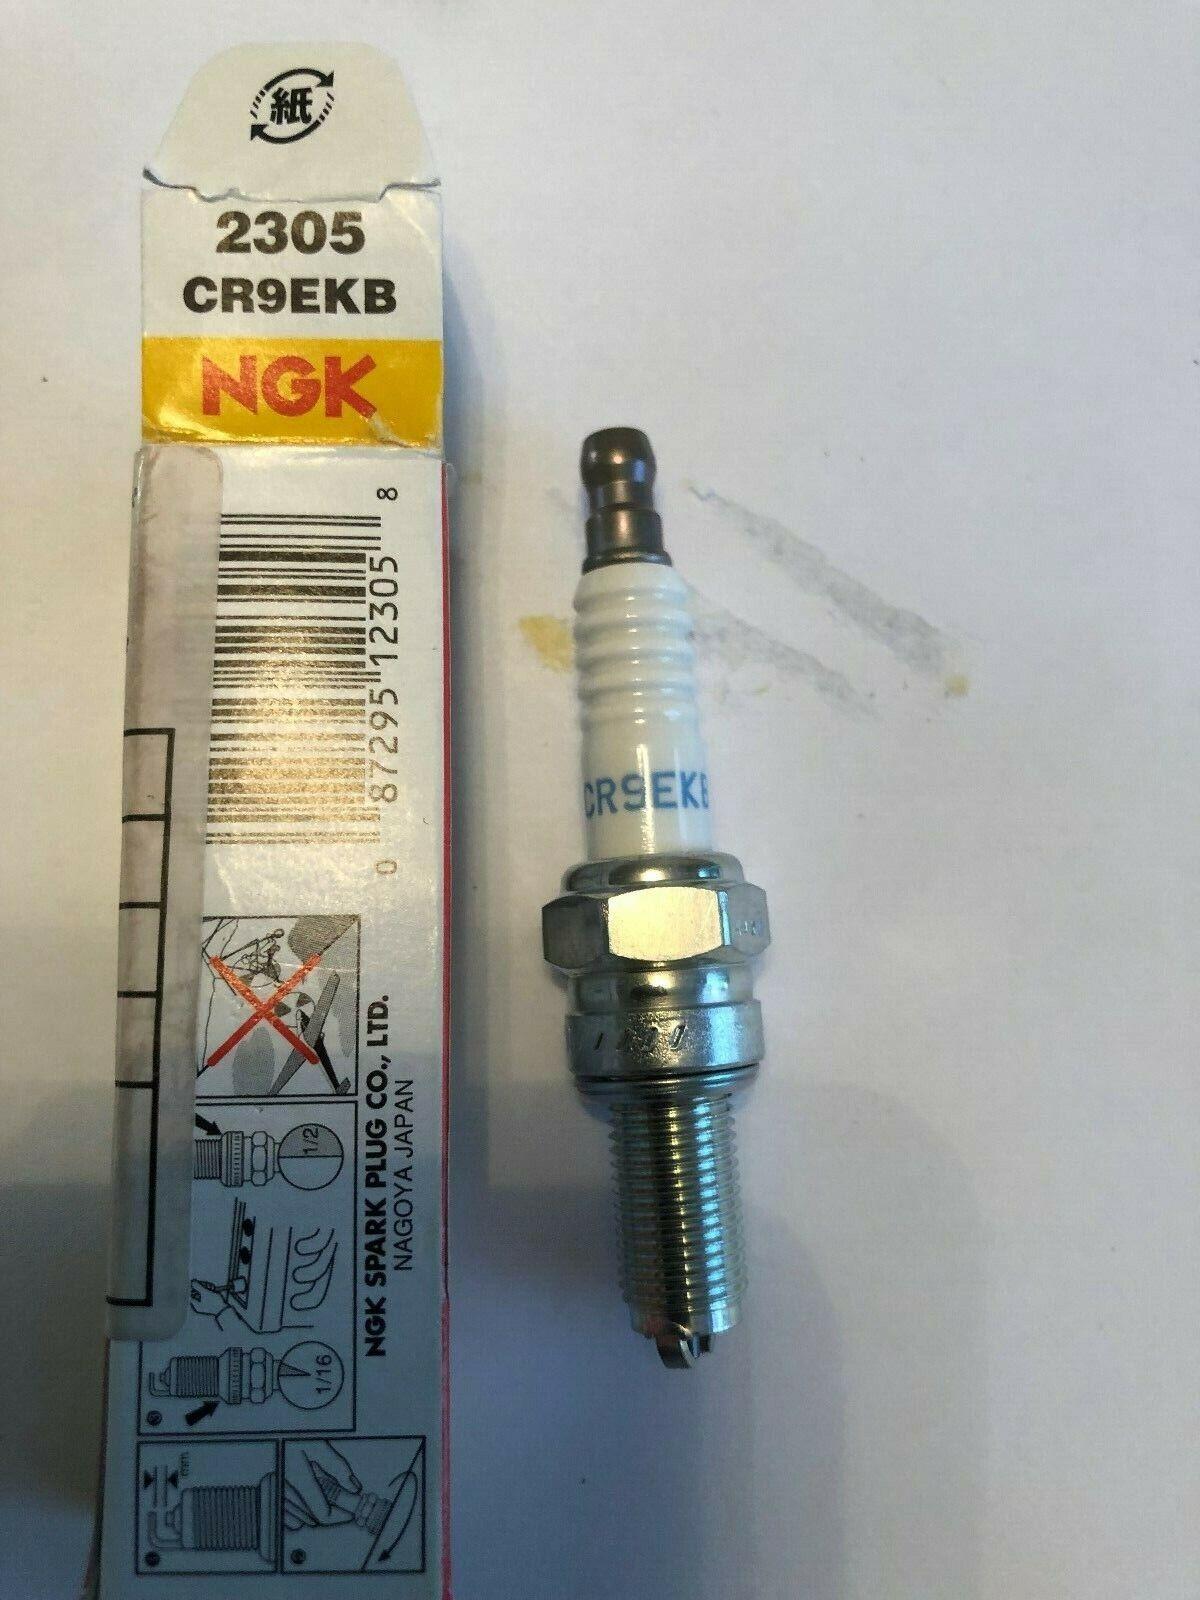 CR9EKB NGK Spark Plug